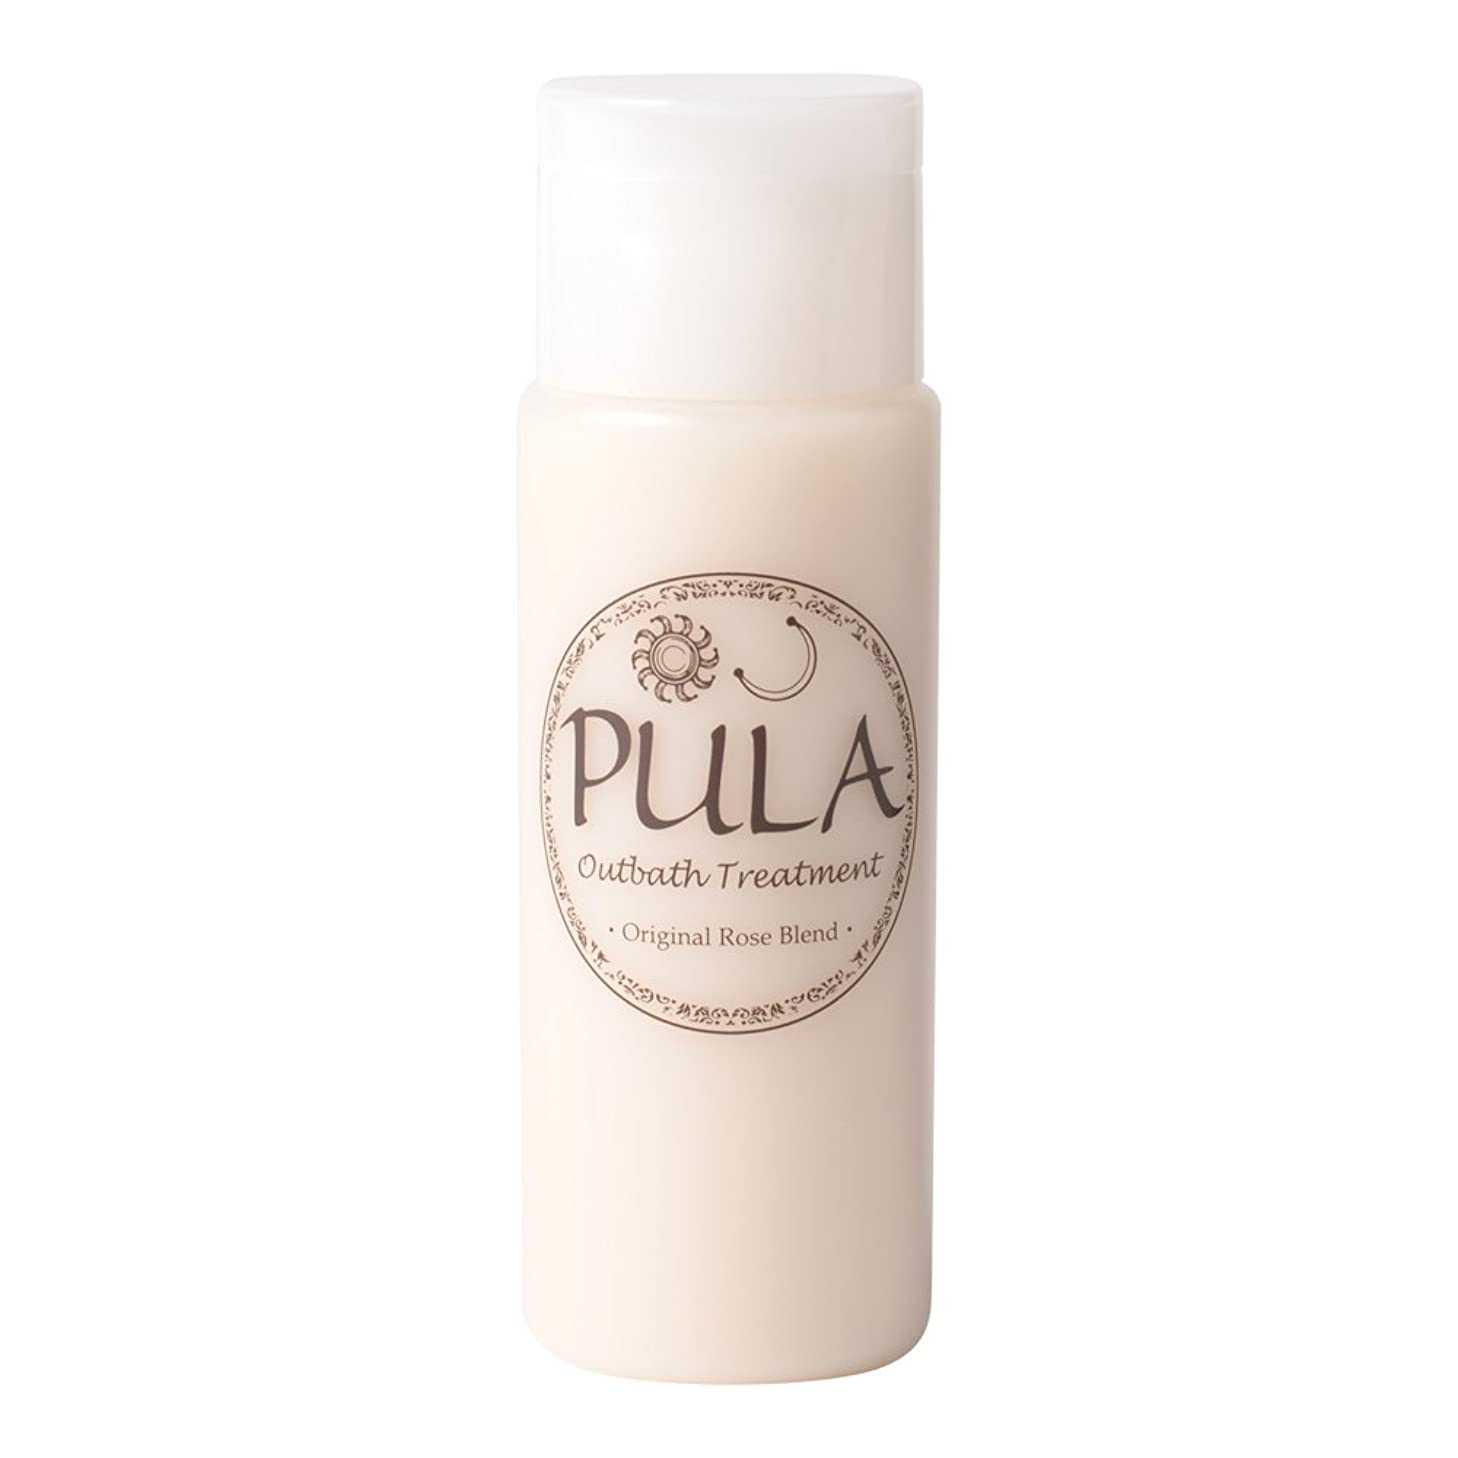 本体トーク炭素プーラ アウトバストリートメント 150mL 【ローズの香り】洗い流さないタイプのトリートメント  ヘッドスパ専門店 PULA